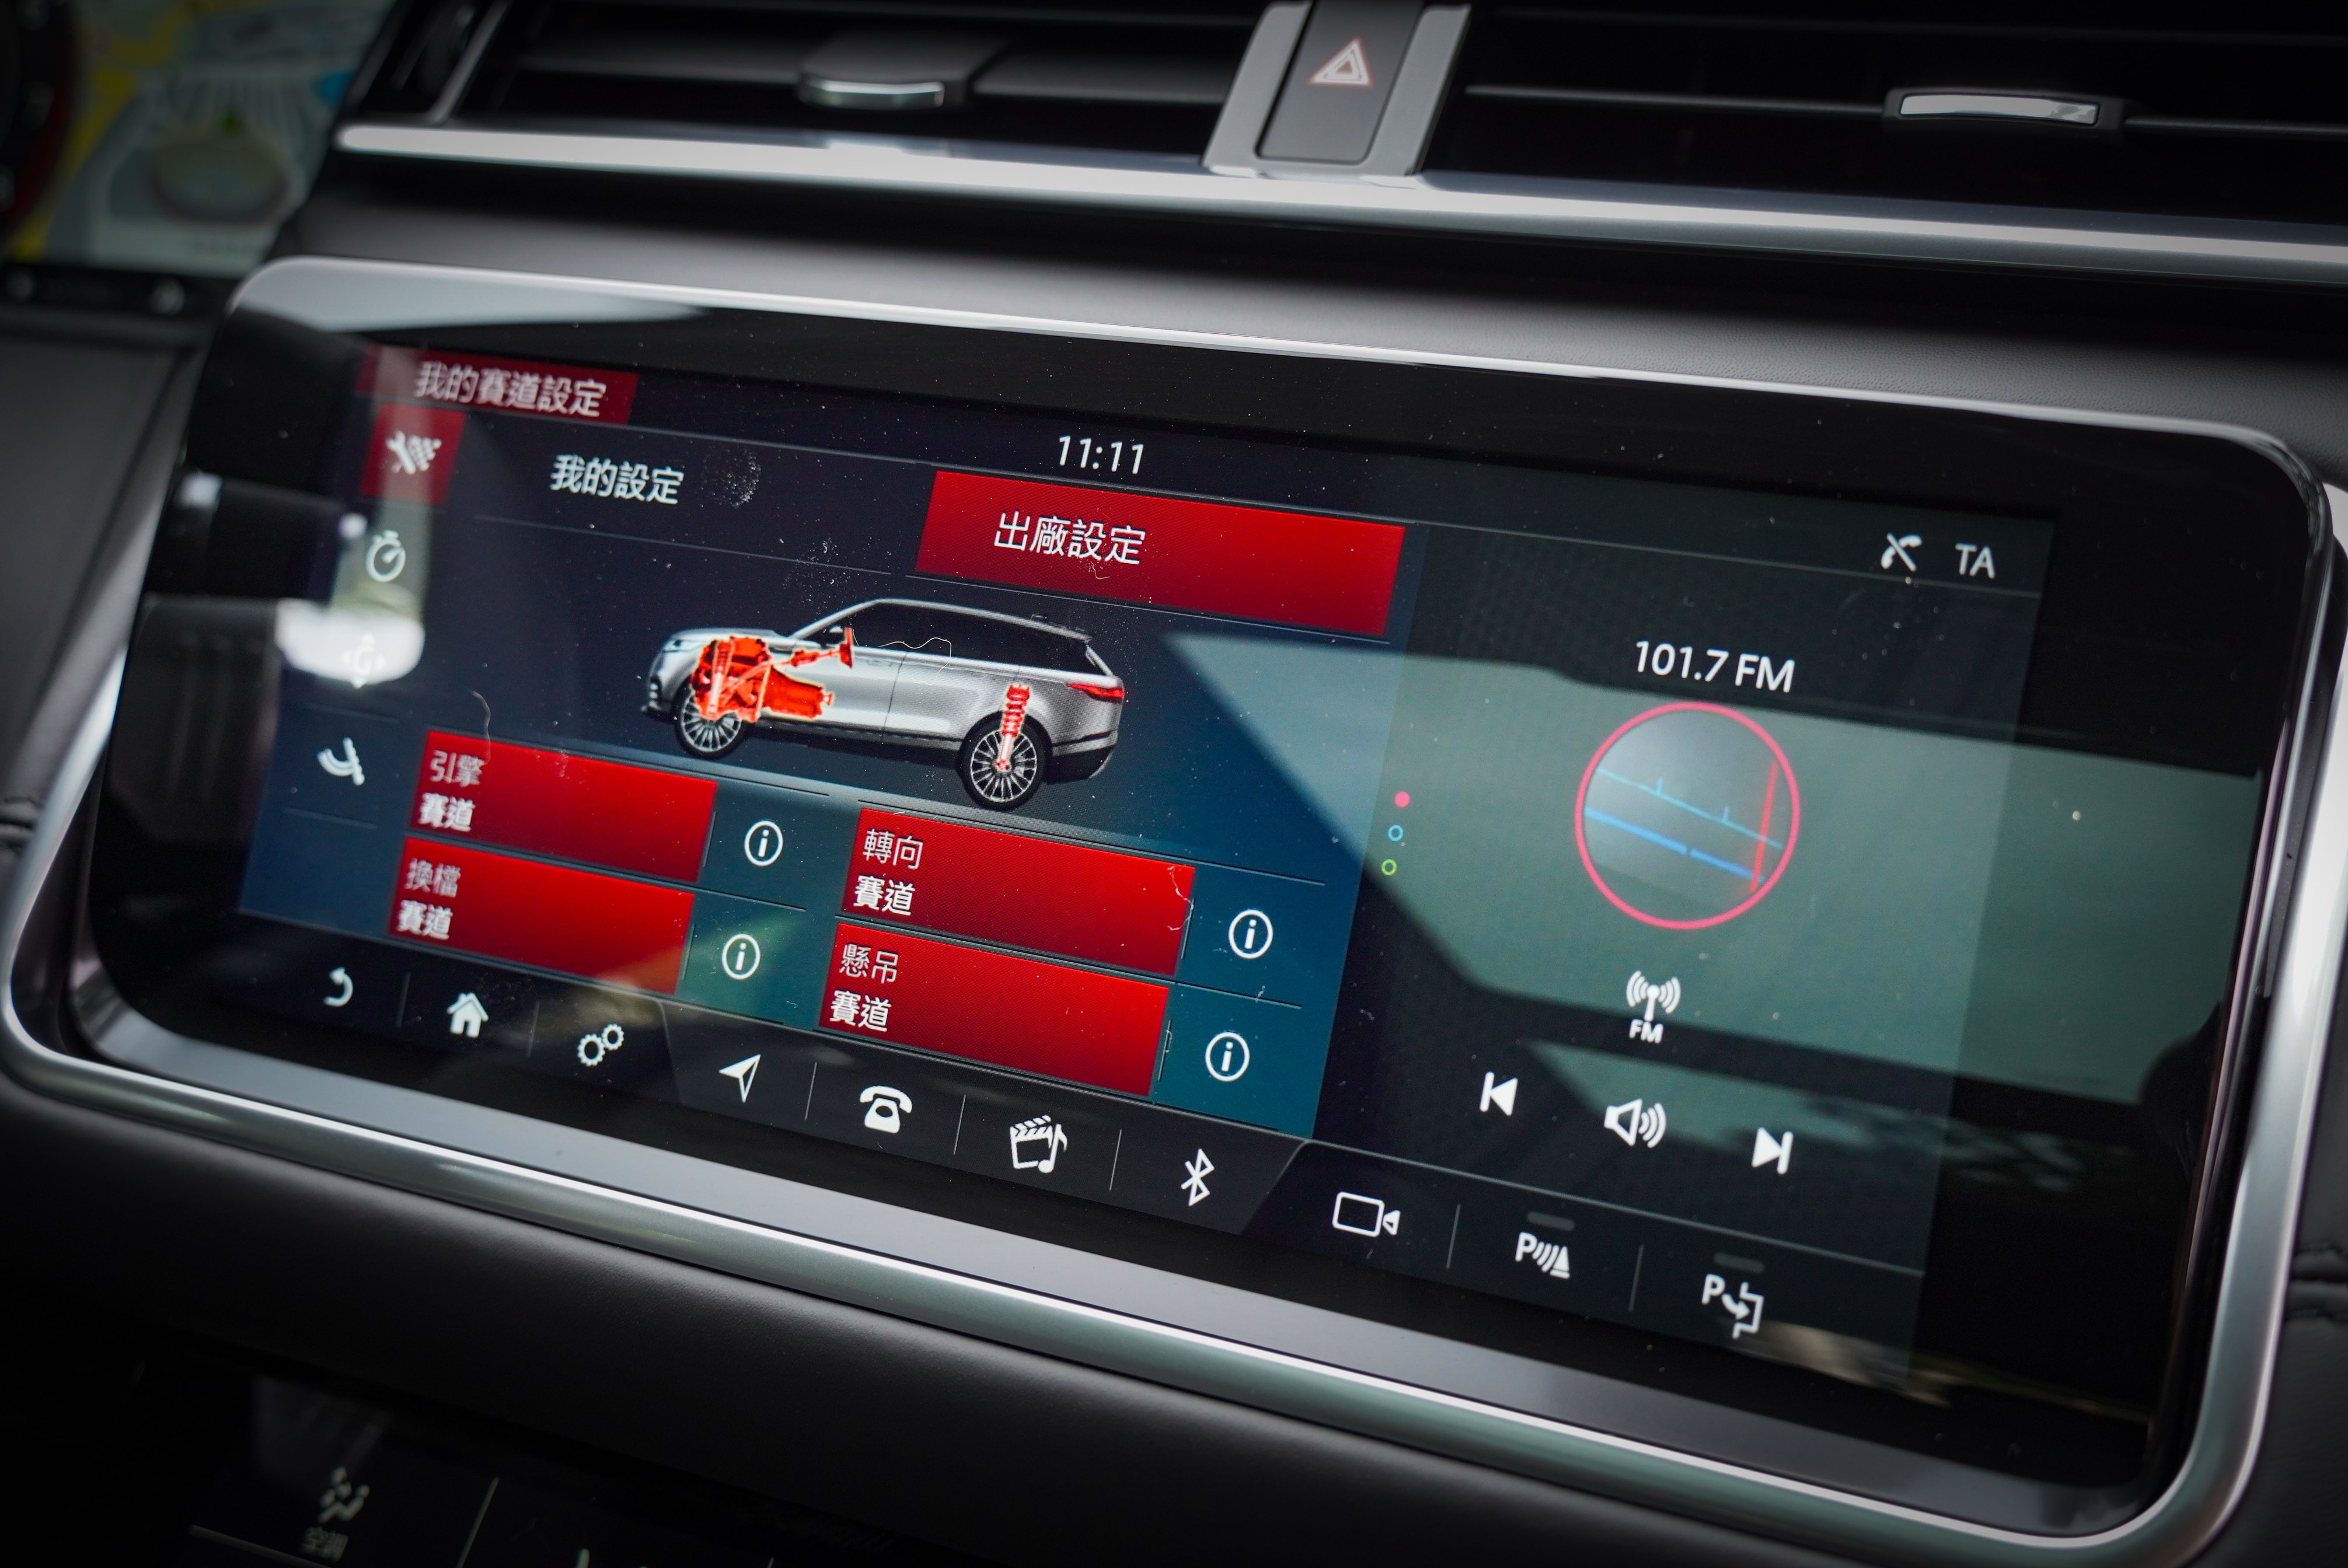 Touch Duo Pro 雙觸控螢幕上層可調整車輛性能配置。